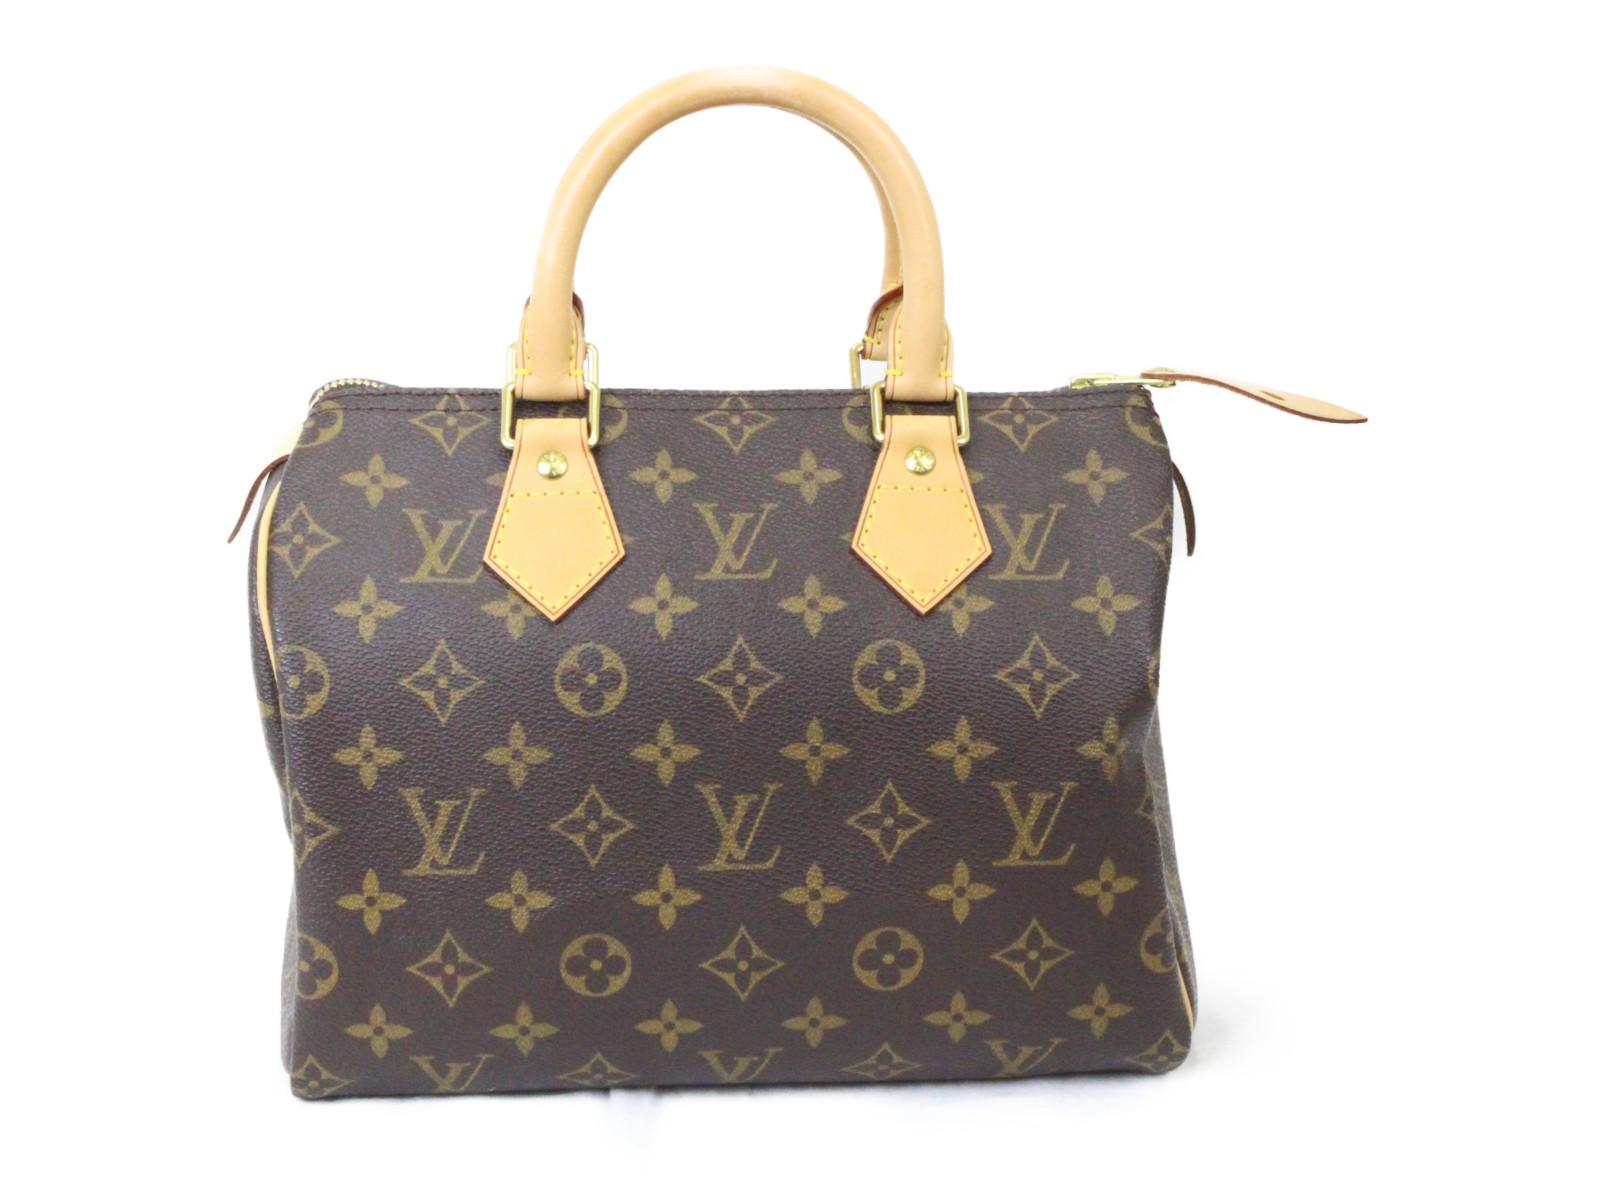 【中古】 LOUIS VUITTON スピーディ25 M41528 モノグラム PVC レディース メンズ ユニセックス バッグ